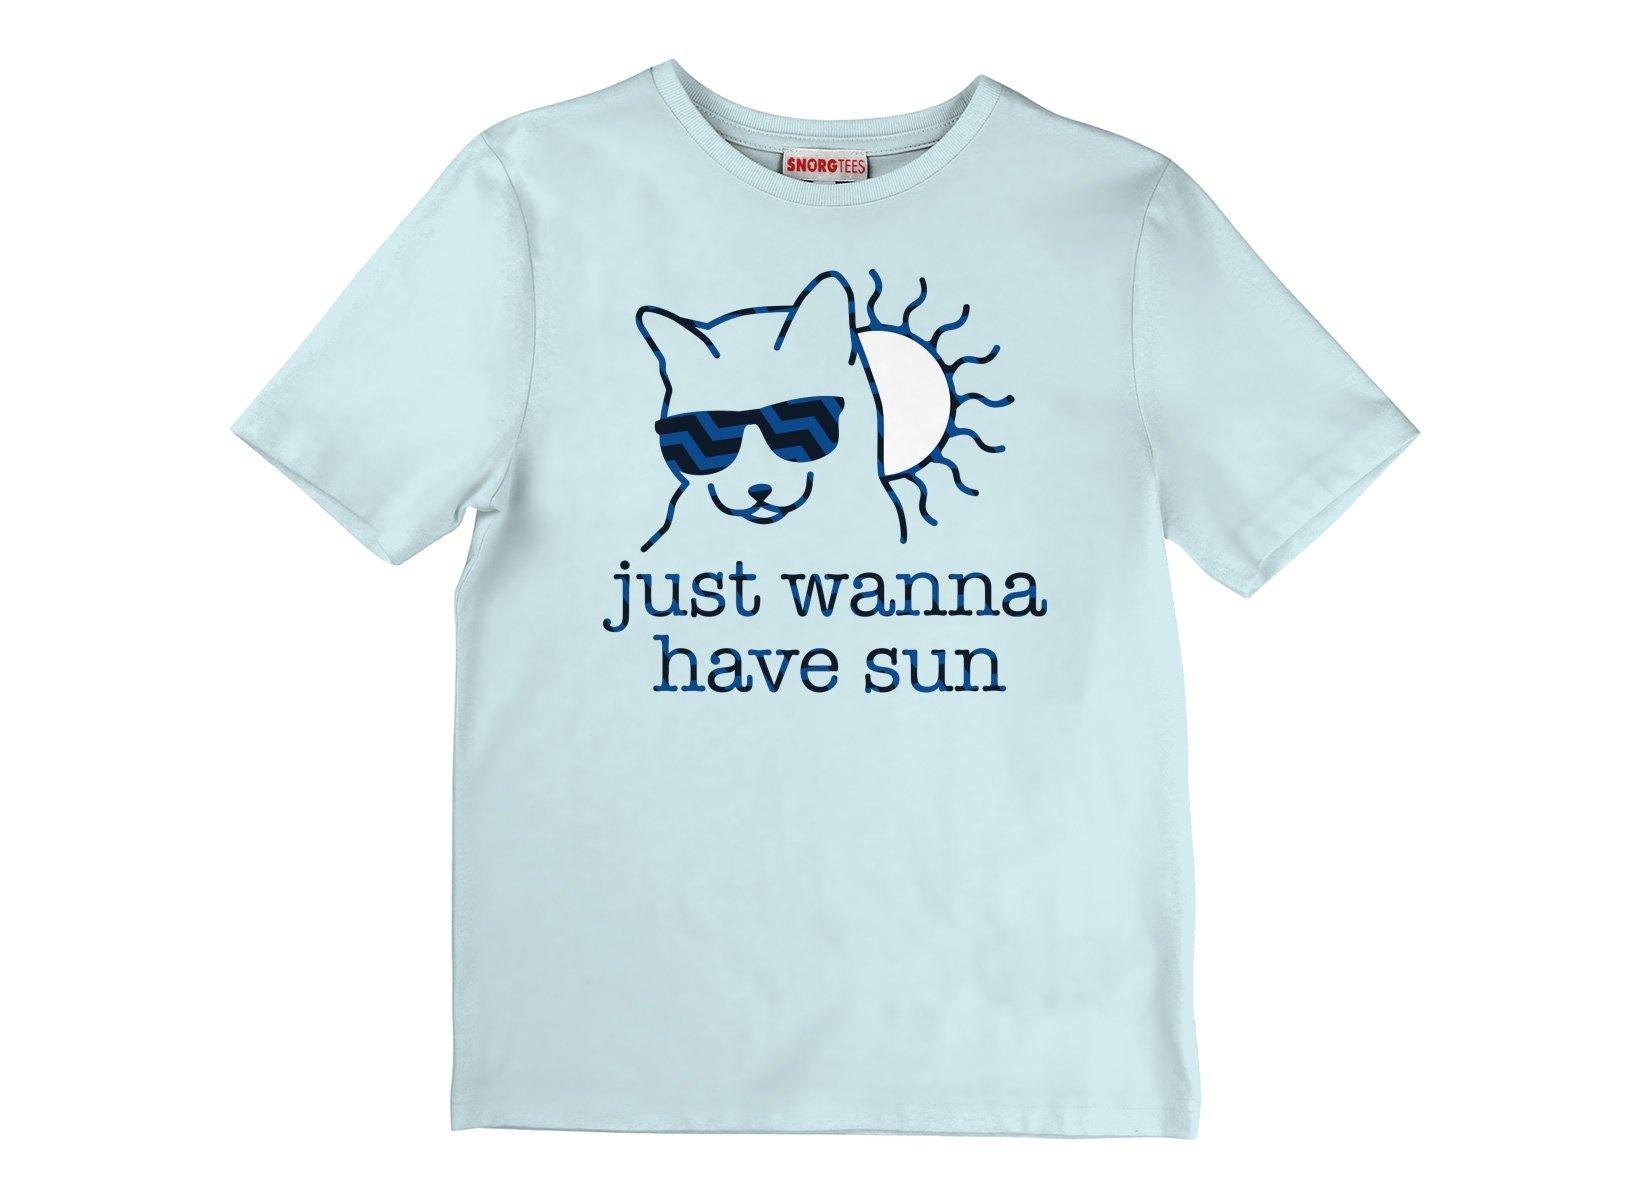 Just Wanna Have Sun on Kids T-Shirt